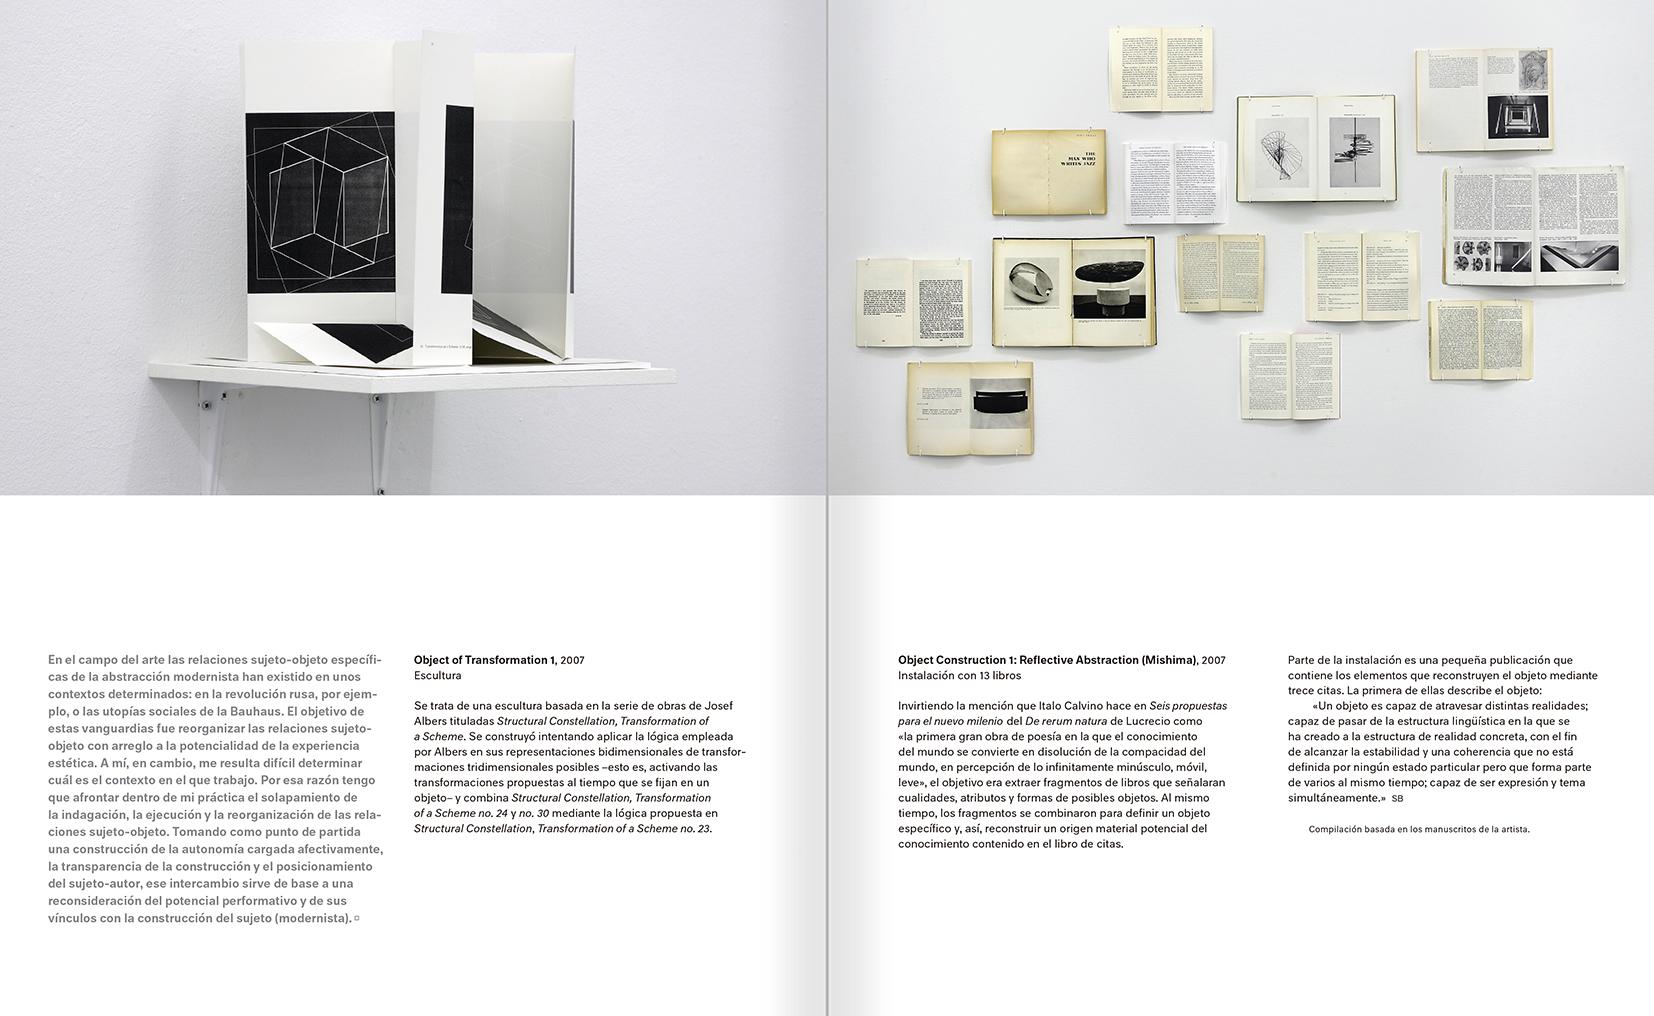 """Selección del catálogo """"Modernologías. Artistas contemporáneos investigan la modernidad y el modernismo"""" páginas 178 y 179"""